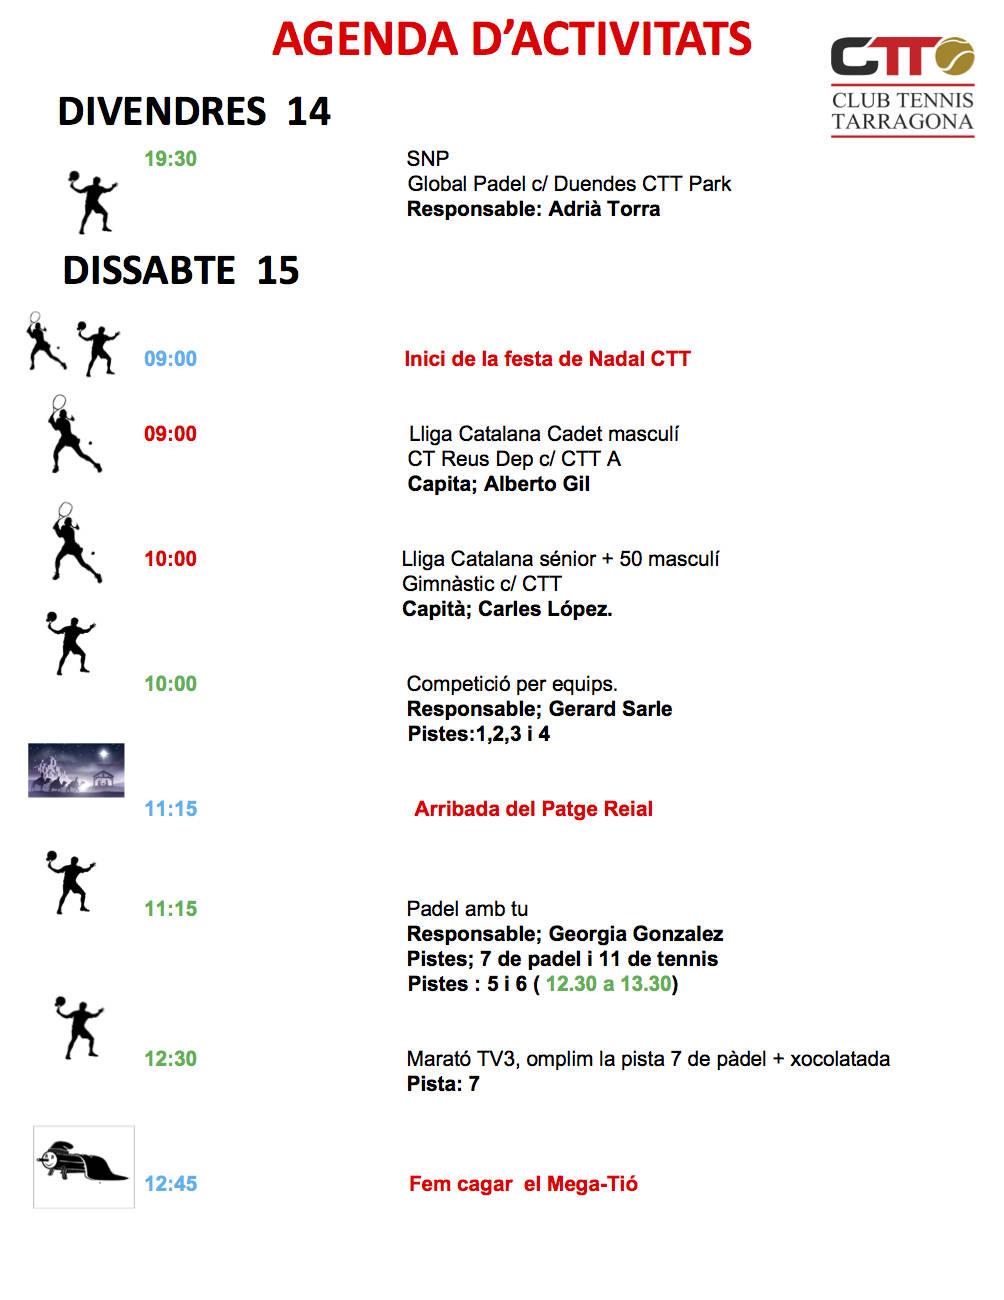 Agenda del cap de setmana del 15 i 16 de desembre